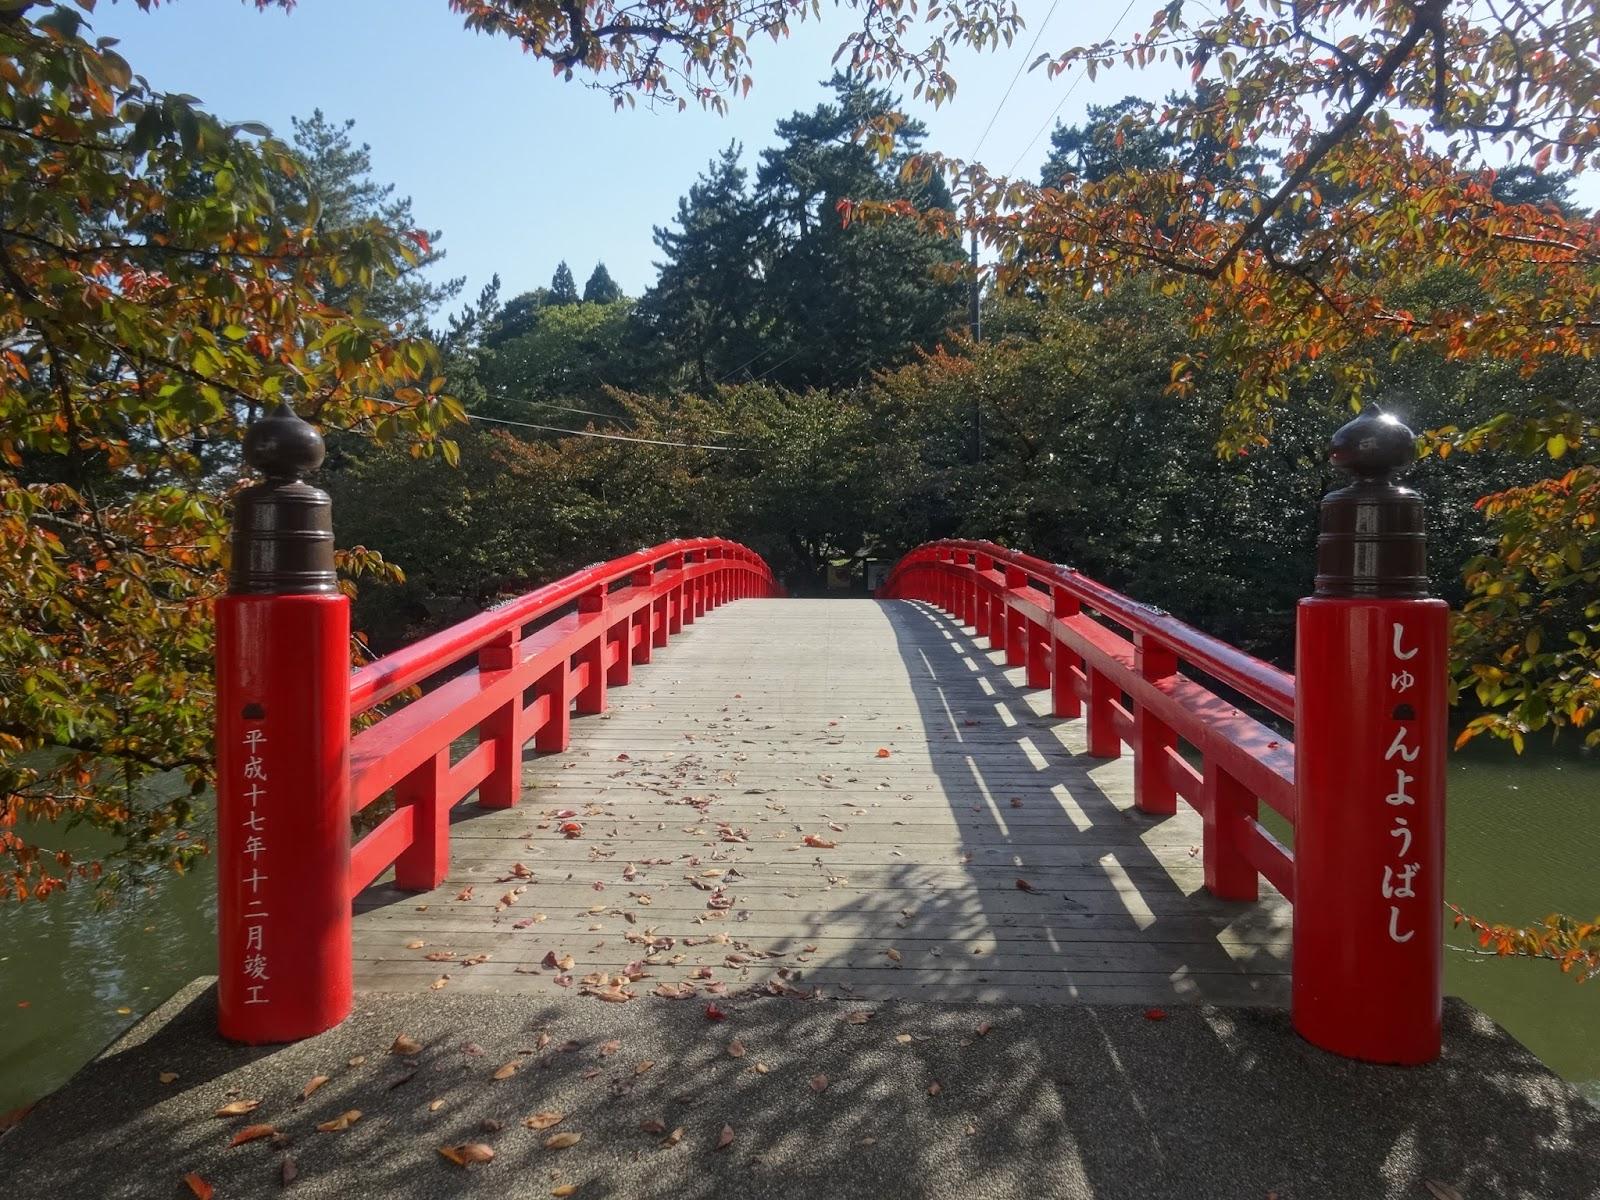 しゅんようばし,橋,紅葉,弘前城,弘前公園〈著作権フリー画像〉Free Stock Photos